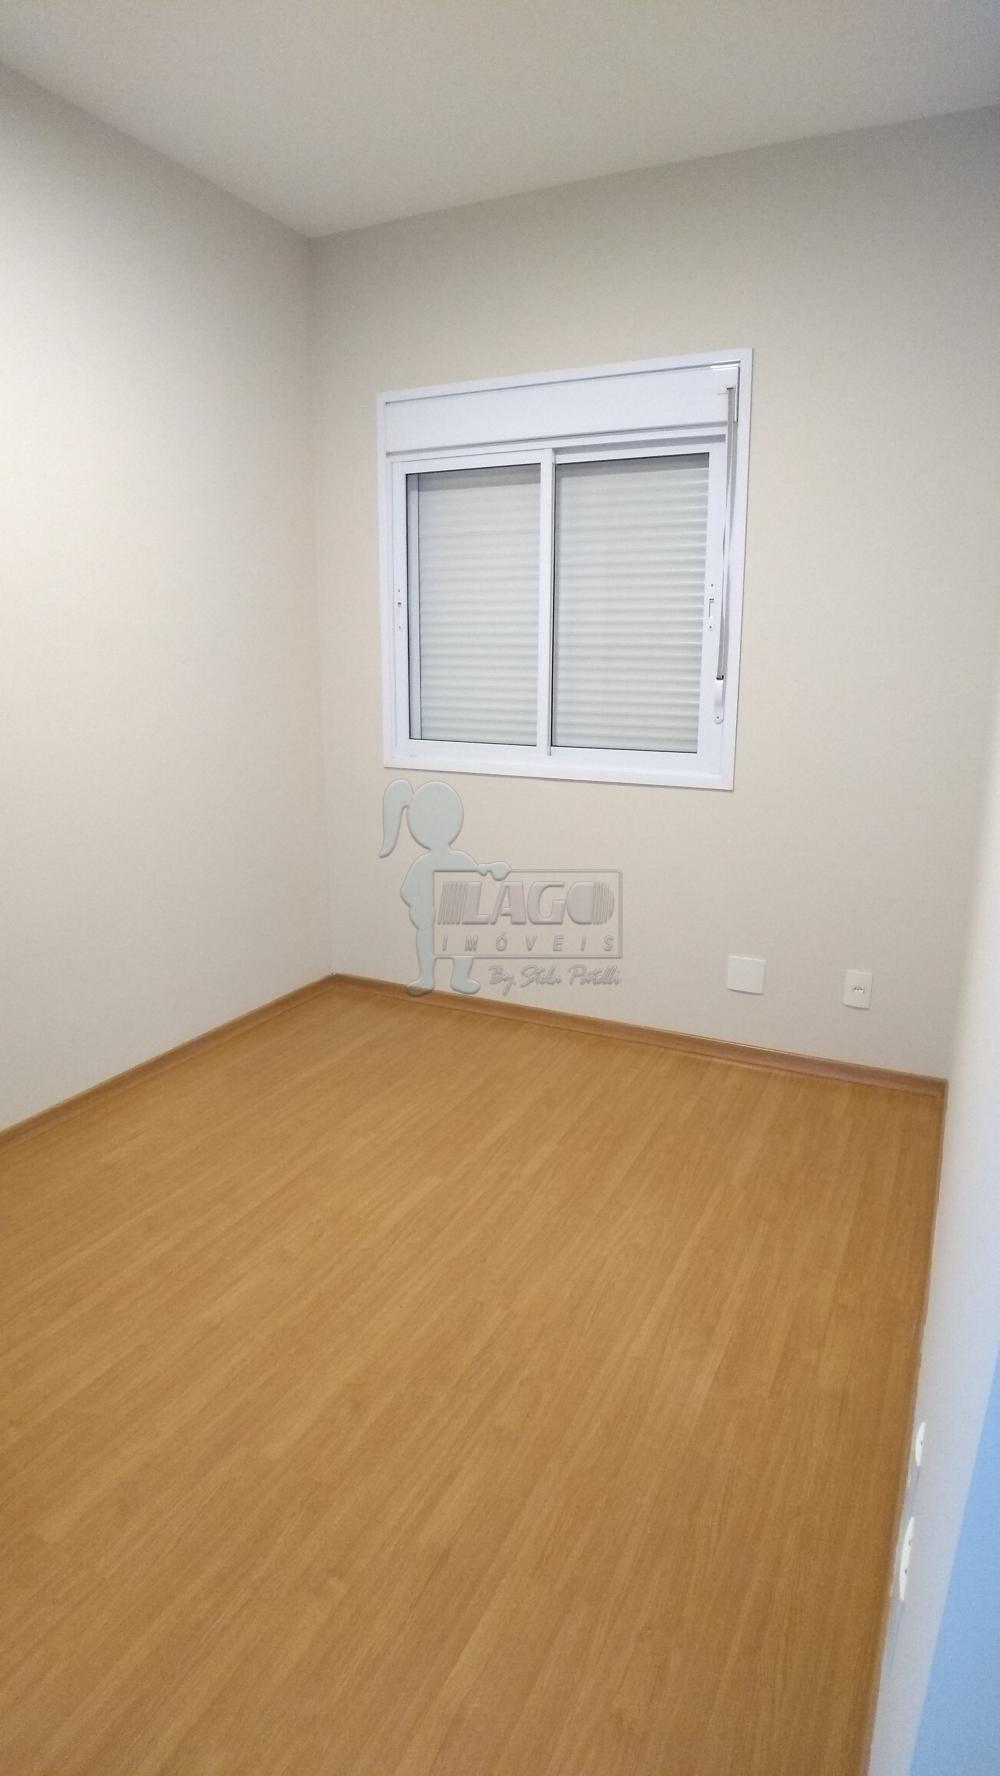 Comprar Casas / Sobrado em Ribeirão Preto apenas R$ 740.000,00 - Foto 20